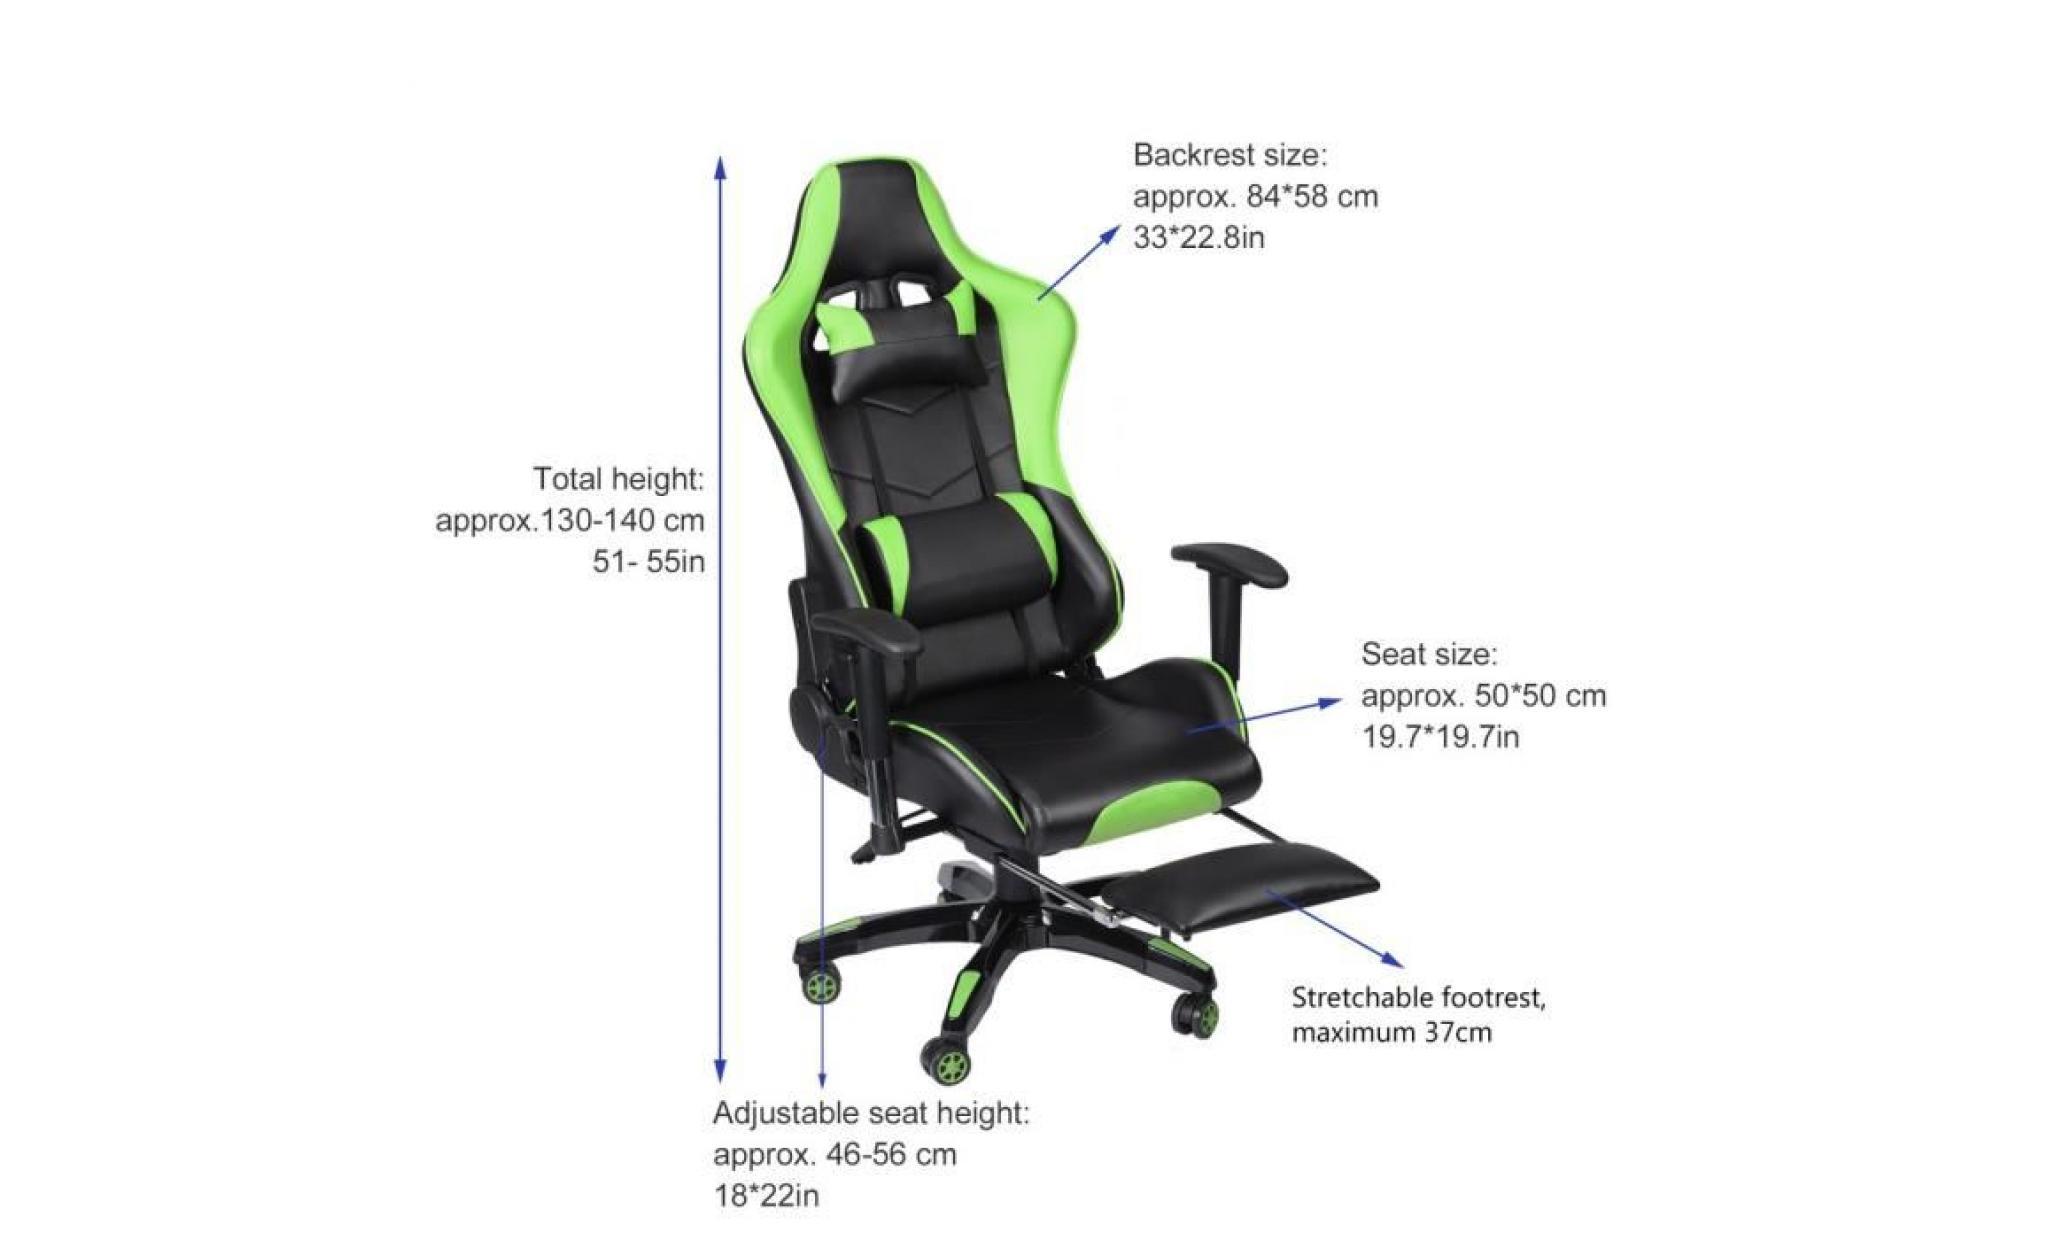 chaise gamer 135°fauteuil pivotant de jeu hauteur réglable pu cuir vert noir